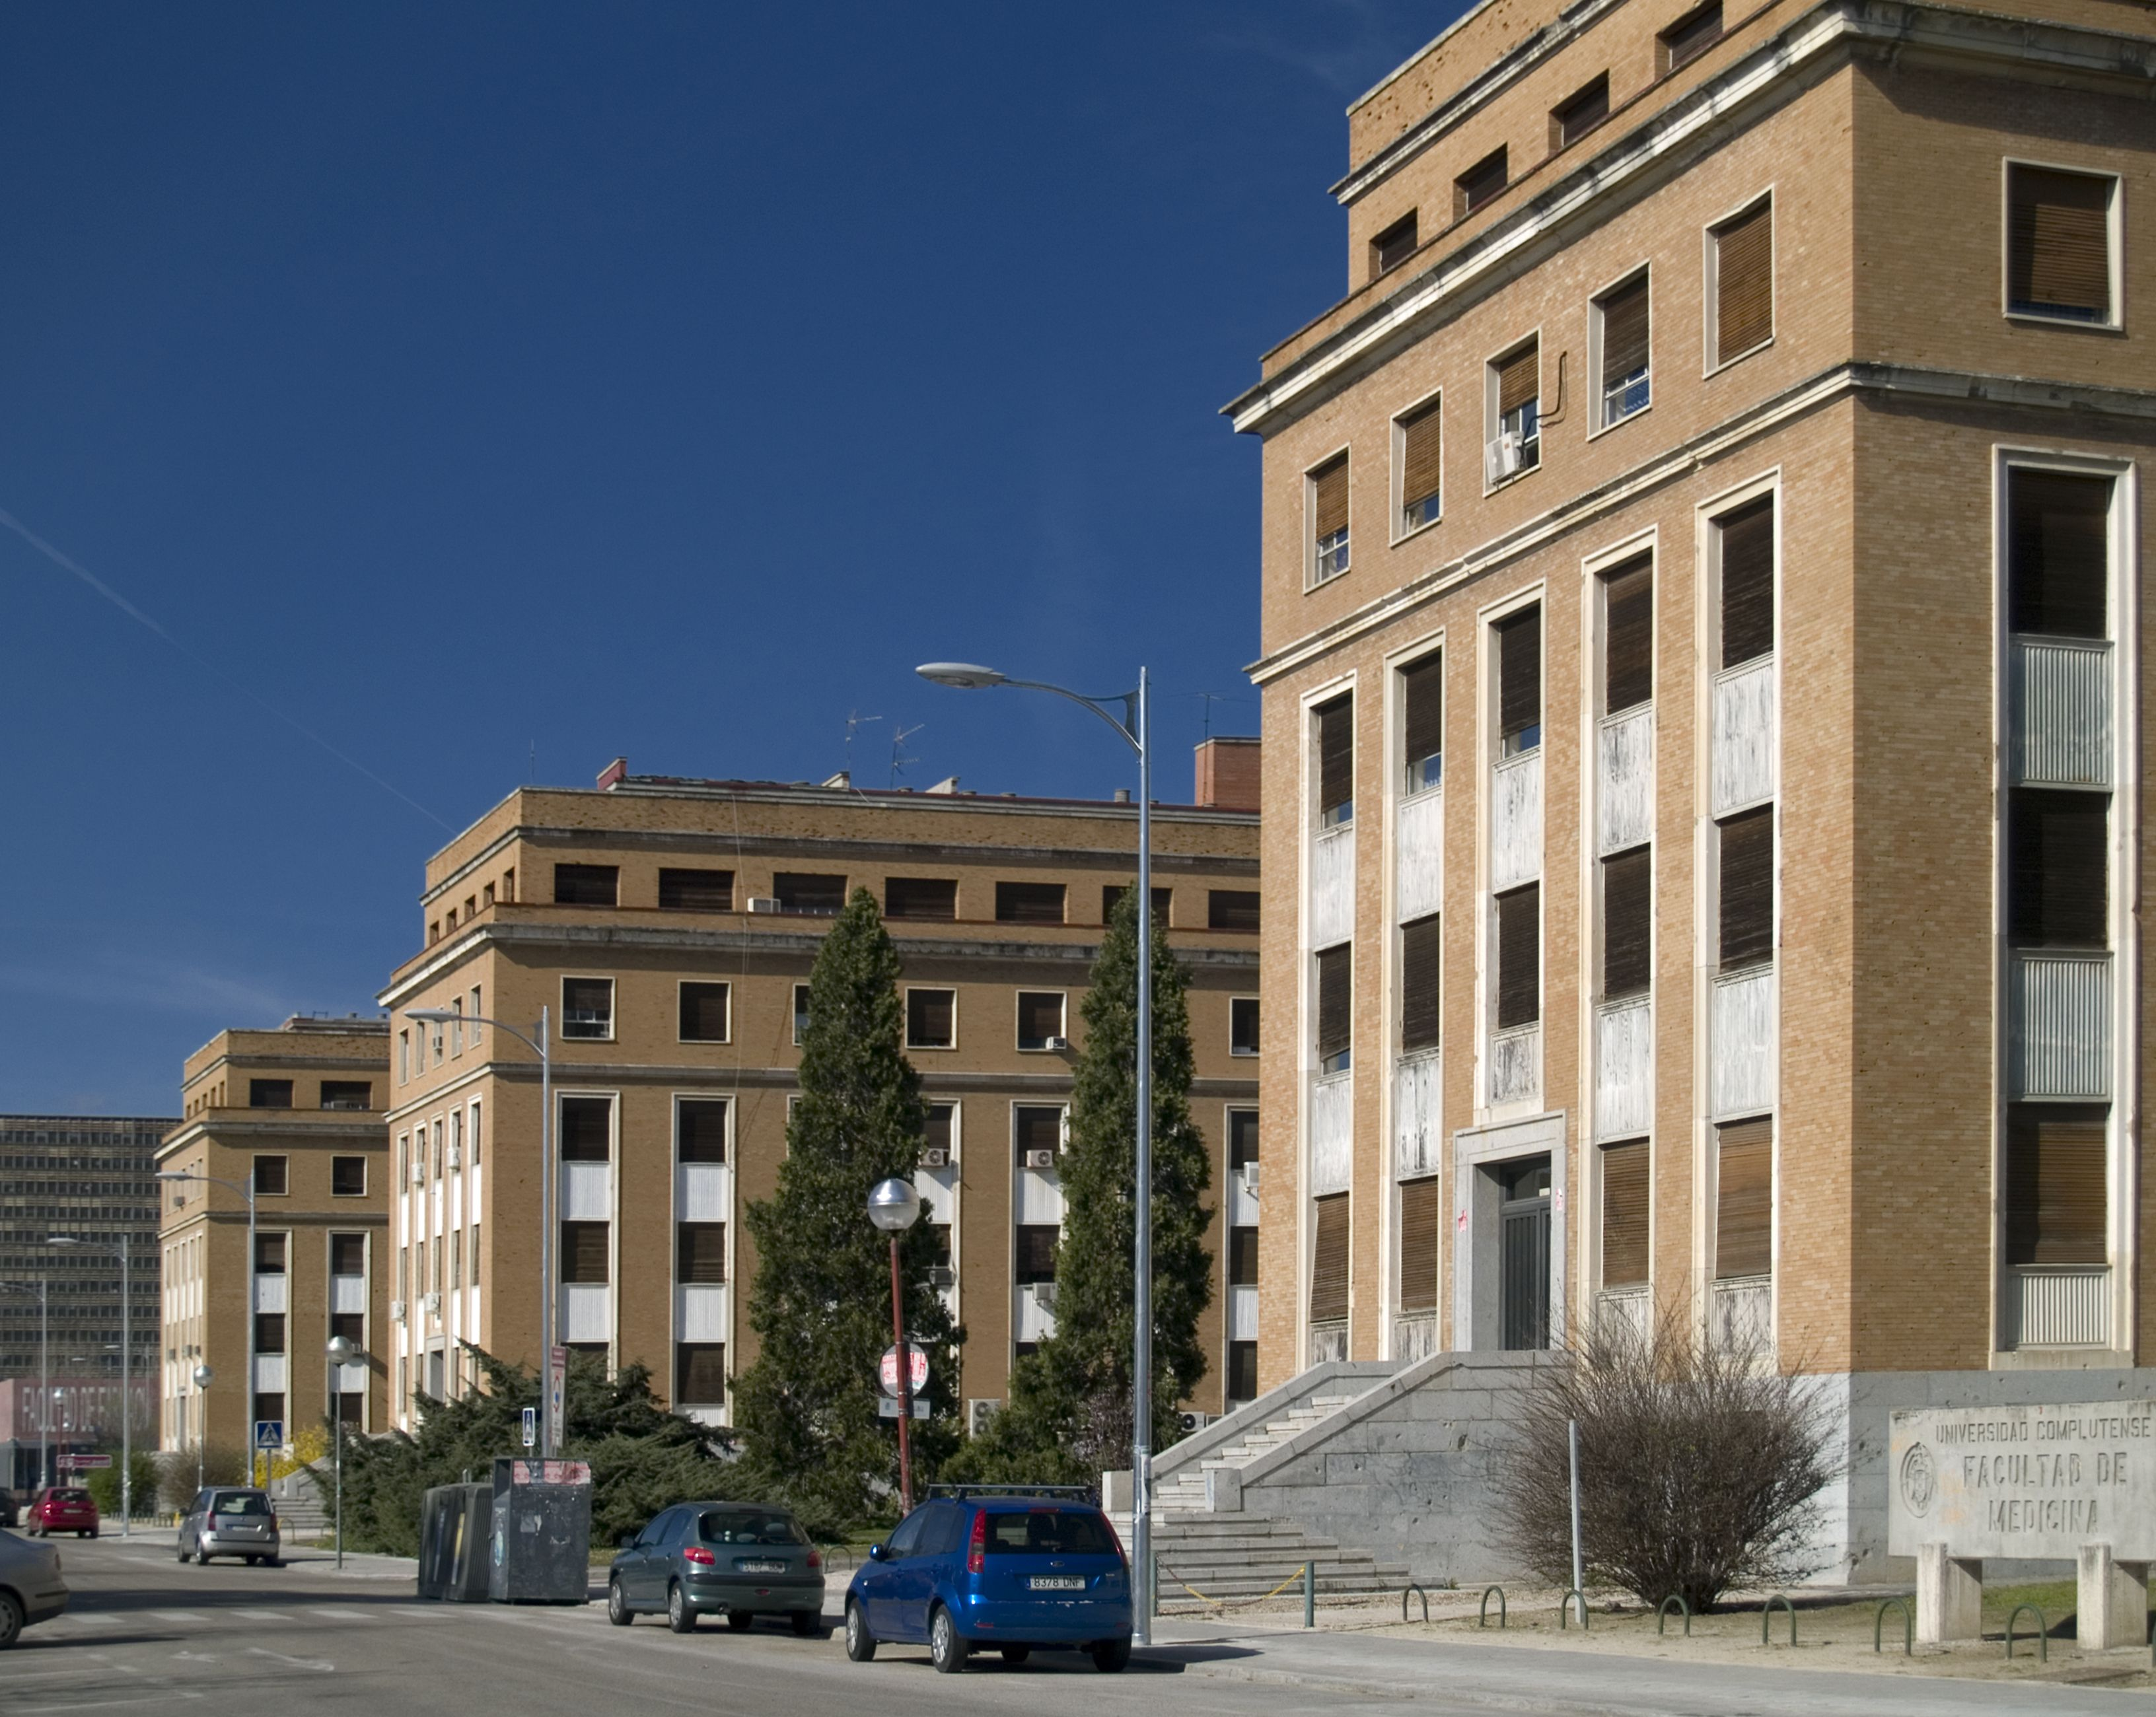 Facultad de Medicina de la universidad Complutense #arquitectura #madrid